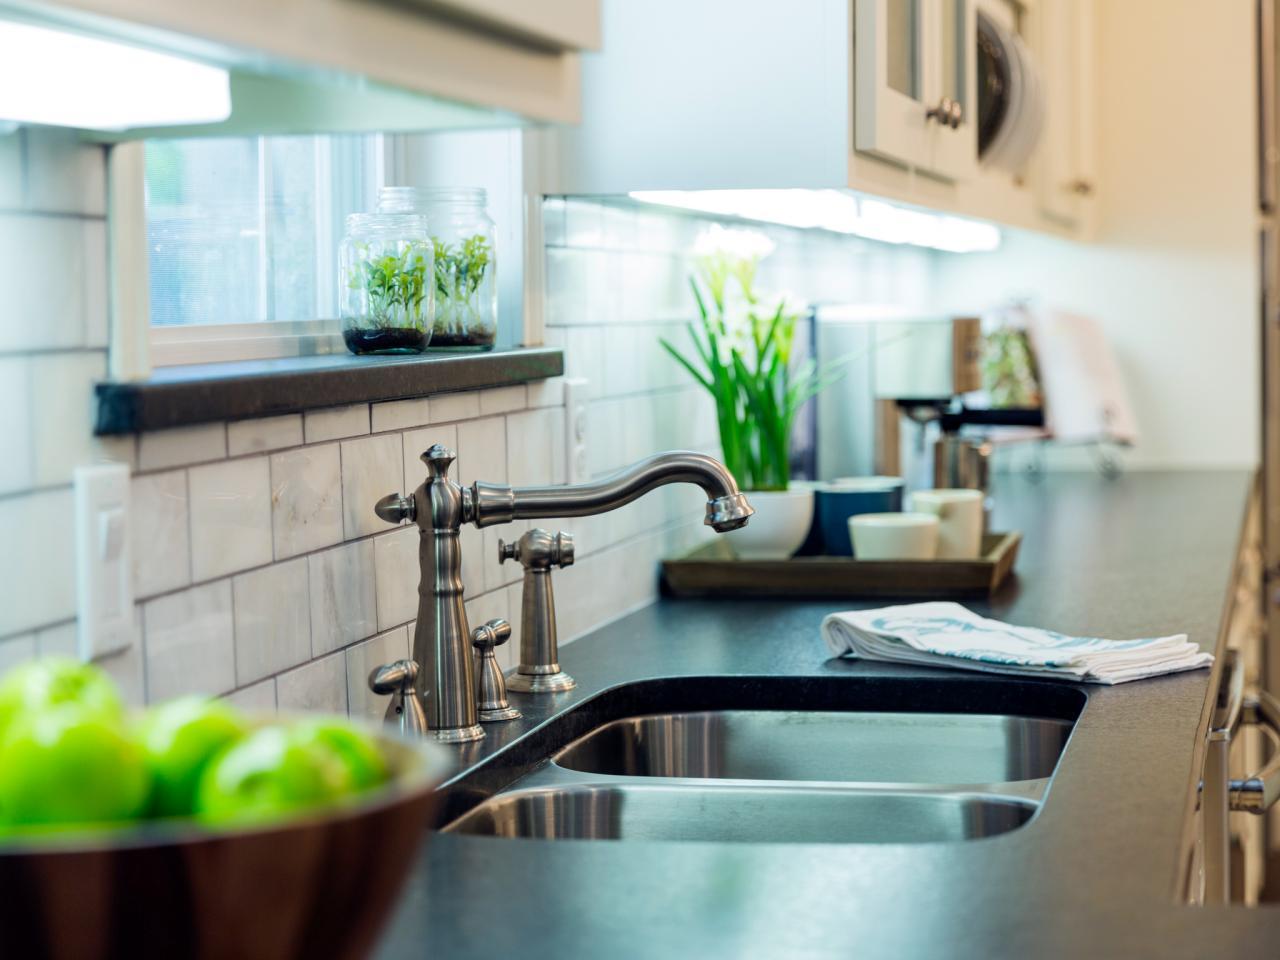 Fixer upper kitchen faucet - Fixer Upper Kitchen Faucet 8